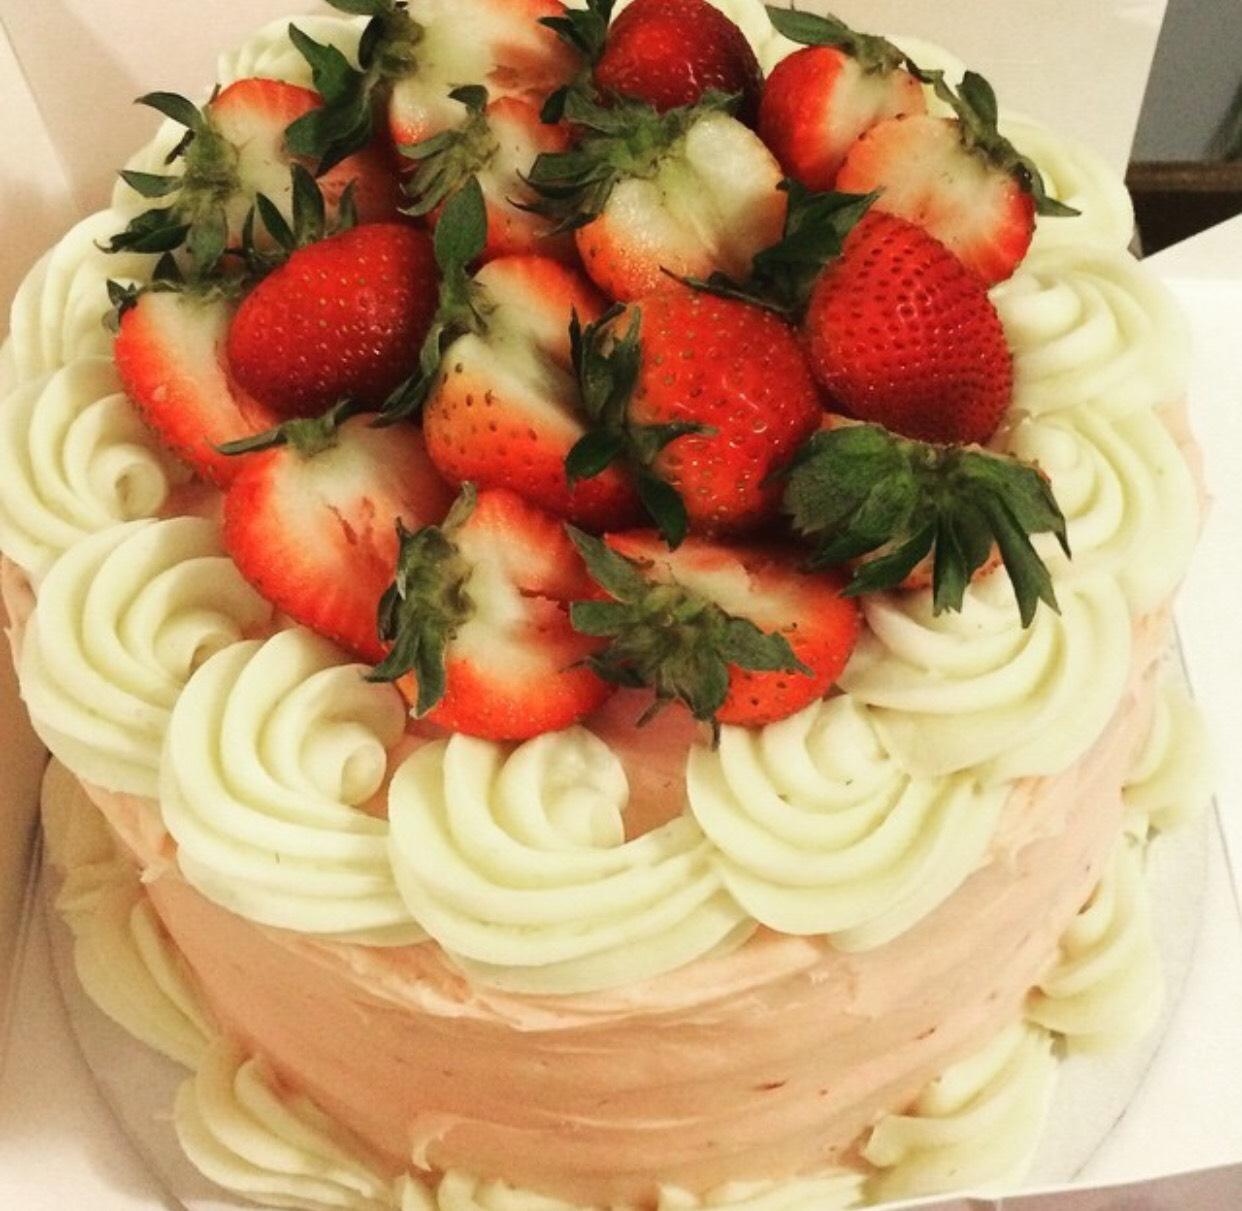 Round Layered Cake